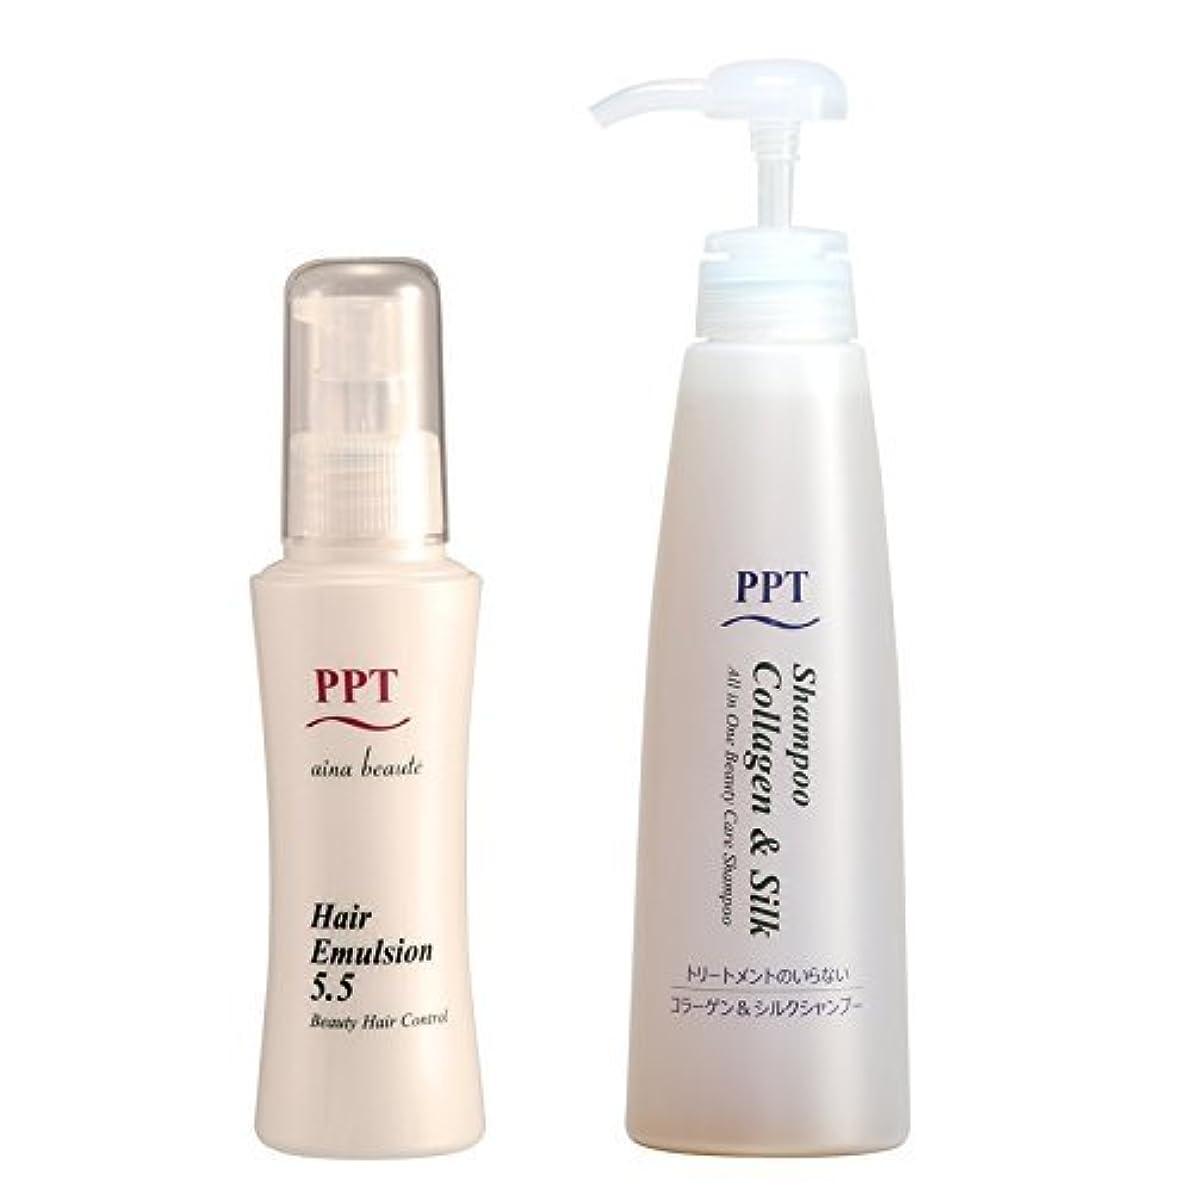 予測子深い偽トリートメント不要 PPTコラーゲン&シルクシャンプー脂性肌~普通肌用(ふんわり)、PPTヘアエマルジョン5.5セット